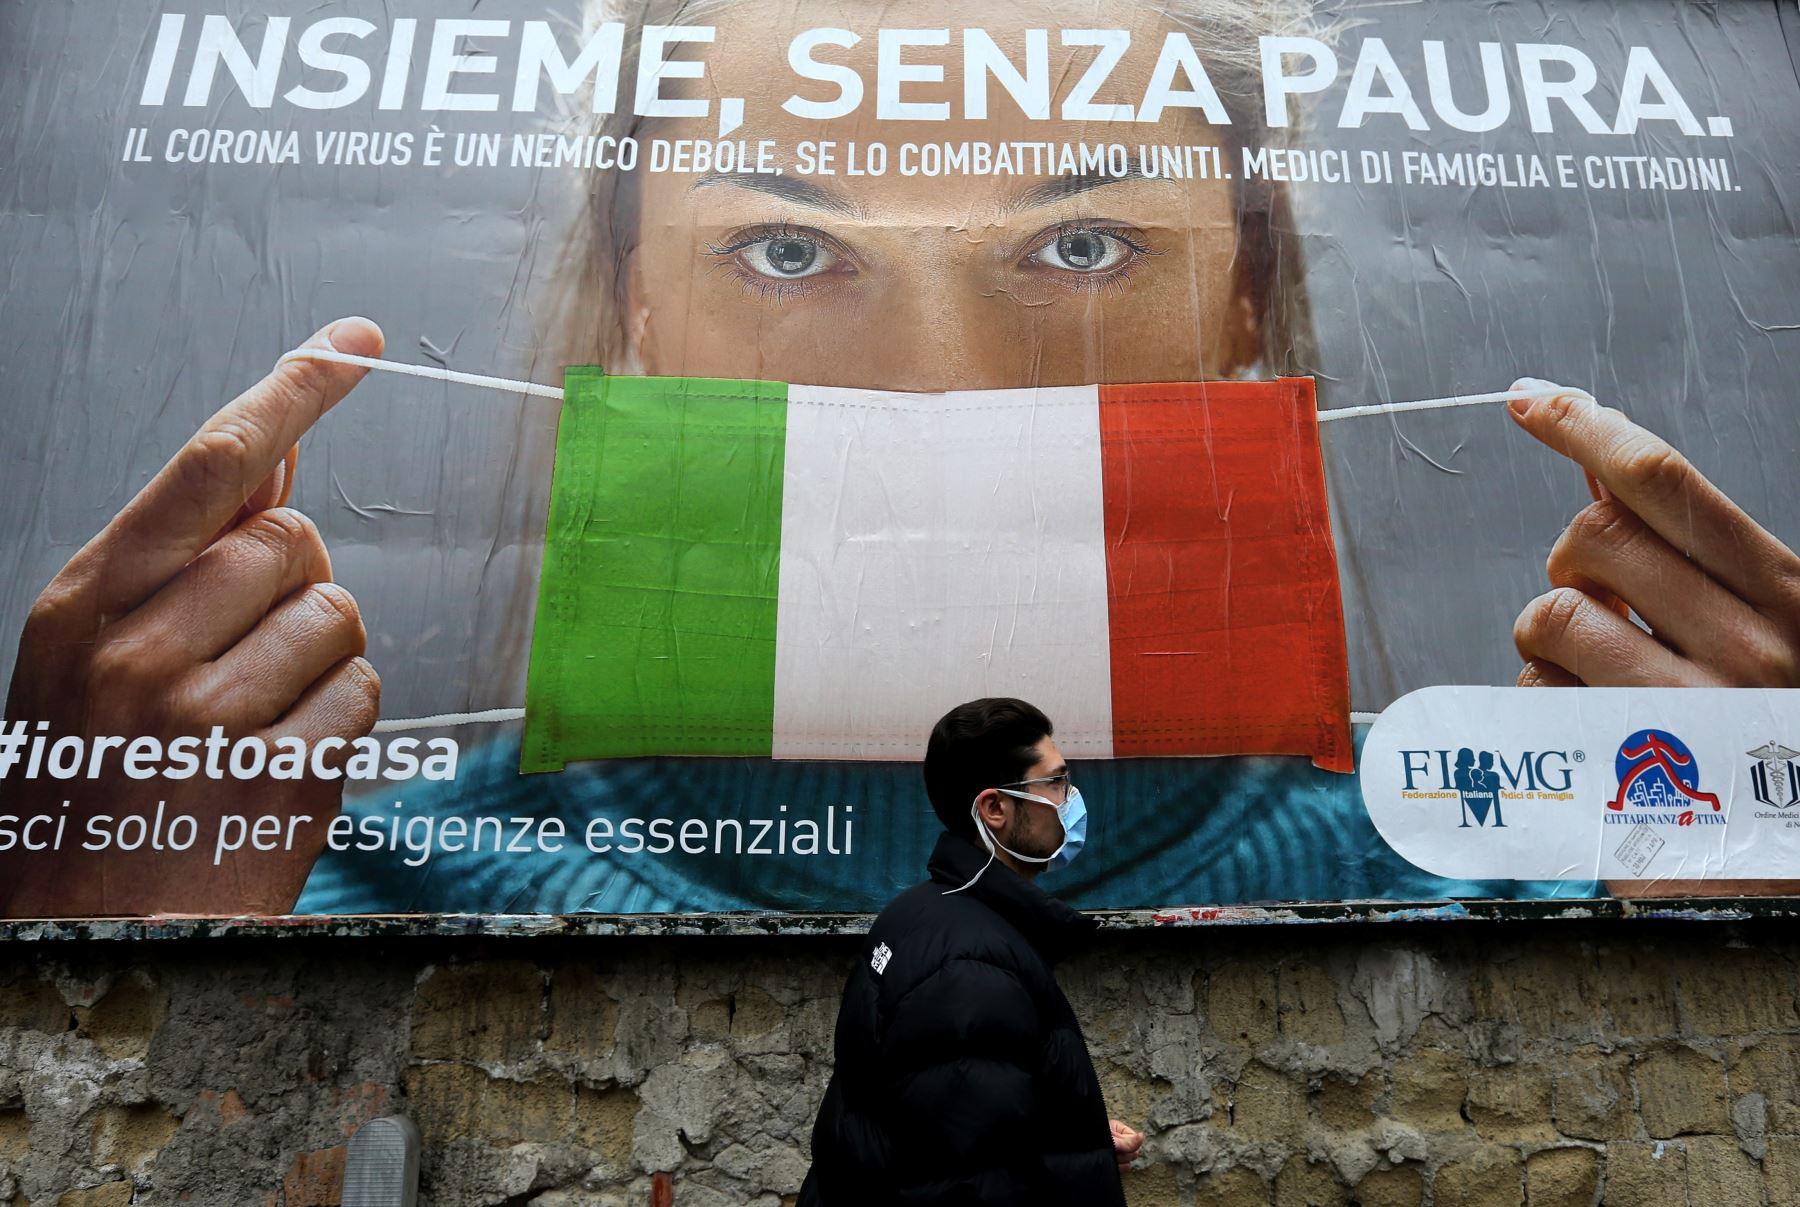 Un hombre pasa junto a una gran valla publicitaria para dar a conocer las medidas tomadas por el gobierno italiano para luchar contra la propagación del covid-19 en Nápoles, Italia. Foto: AFP